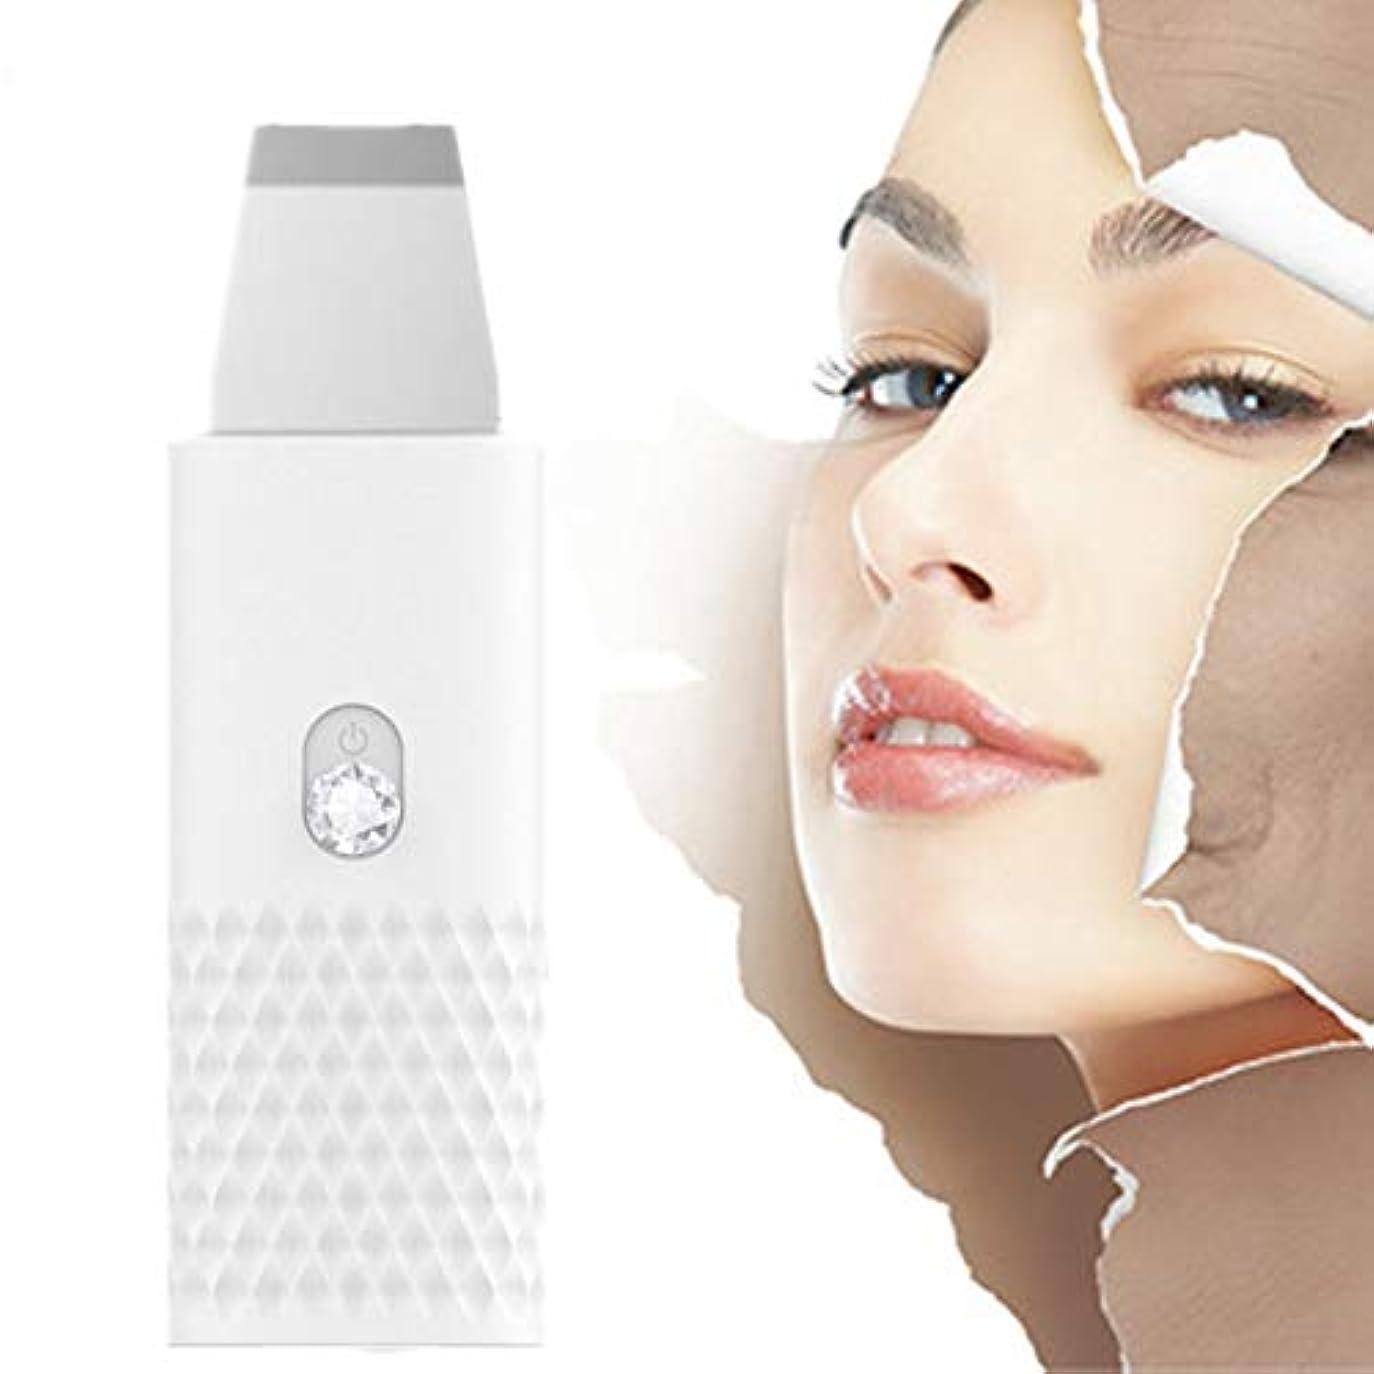 検査省略移行するツールクレンザー古い角質除去ホワイトピーリング顔の皮膚のスクラバーブラックヘッドリムーバー毛穴クリーナー電気EMS導入モードUSB充電女性のスキンマッサージスクラバー・フェイシャルリフティング